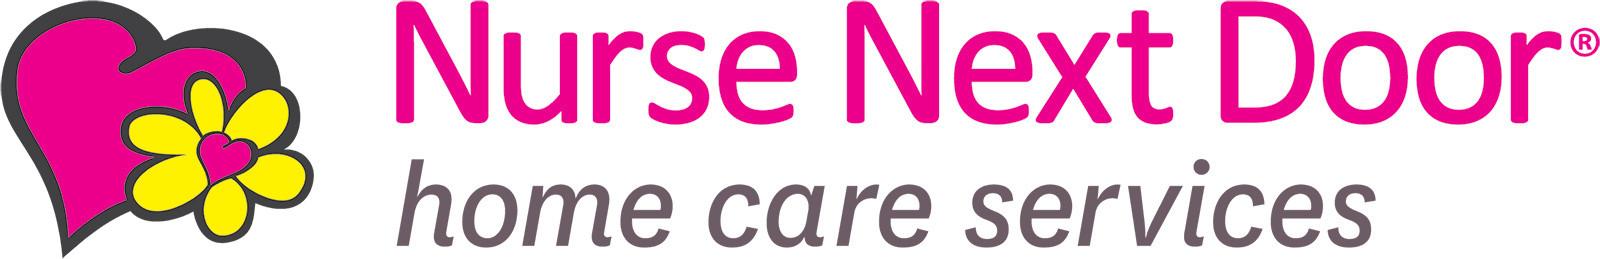 NurseNextDoor_Logo_4C.JPG